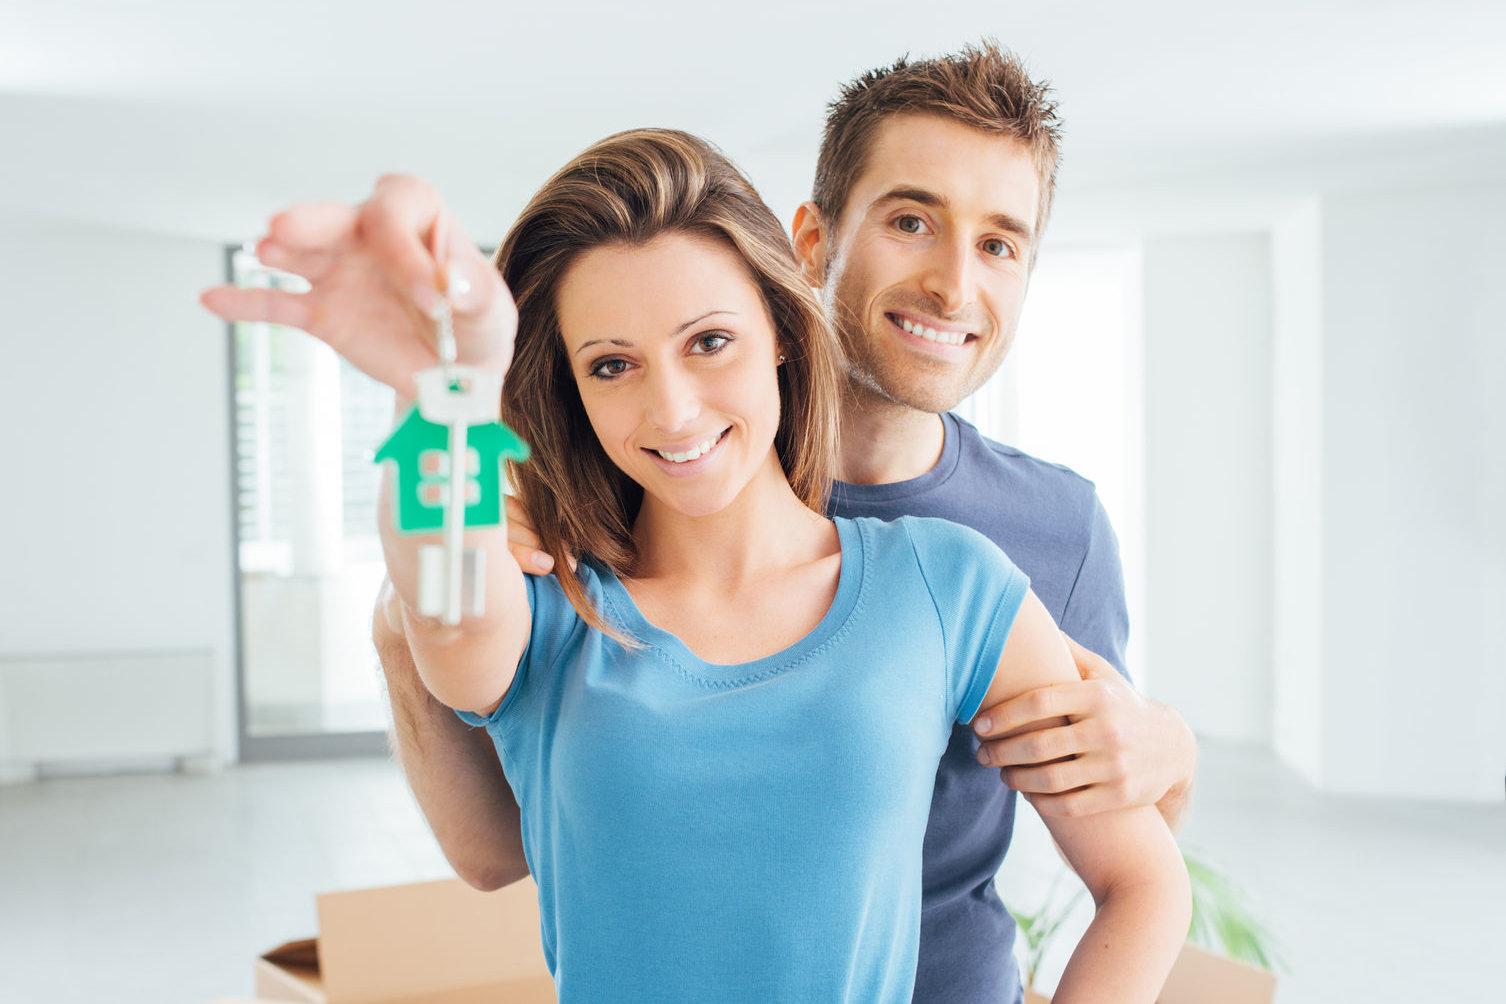 Junges Paar mietet gemeinsame Wohnung